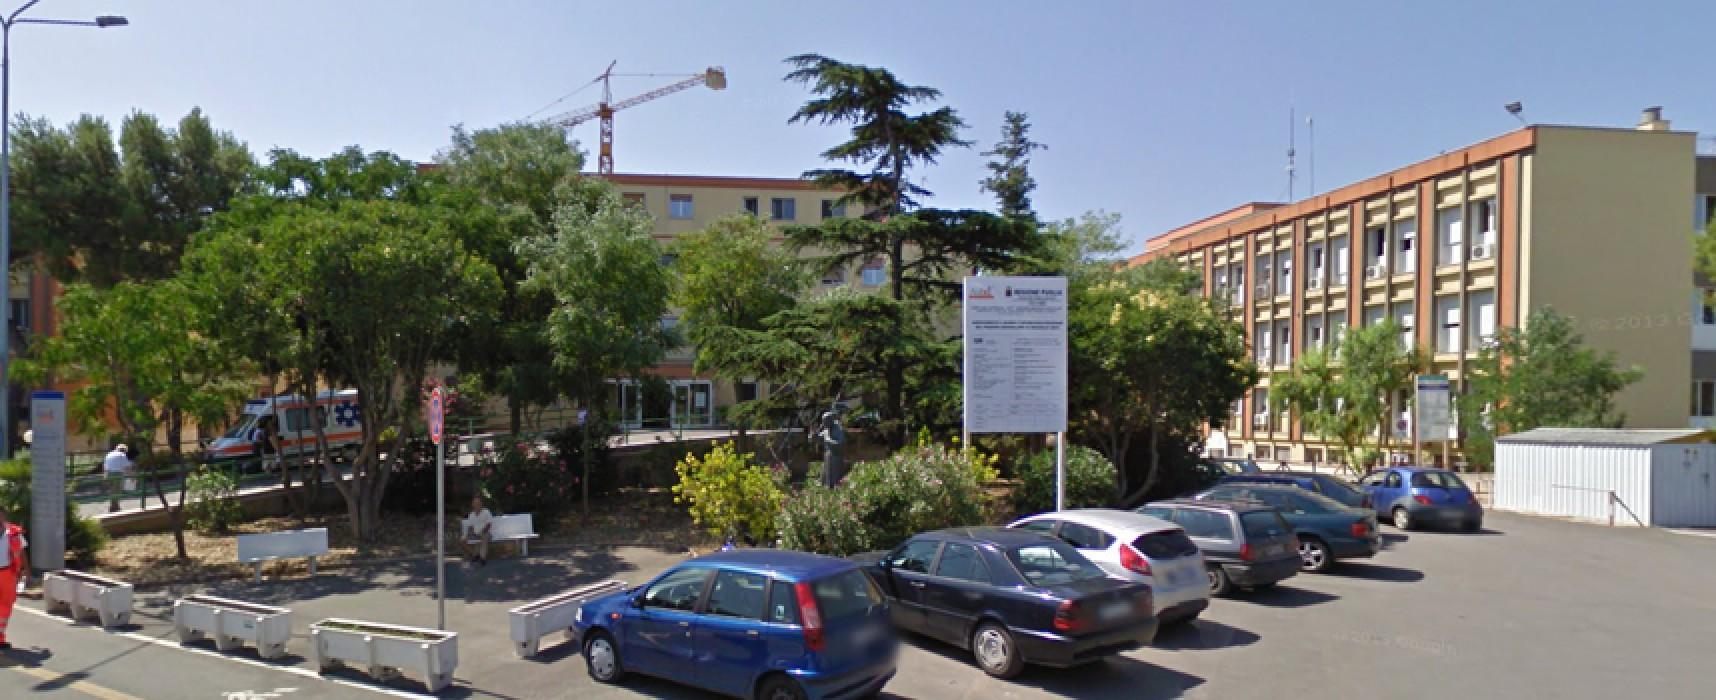 Morta per peritonite acuta la donna trasferita a Bisceglie dal pronto soccorso di Trani